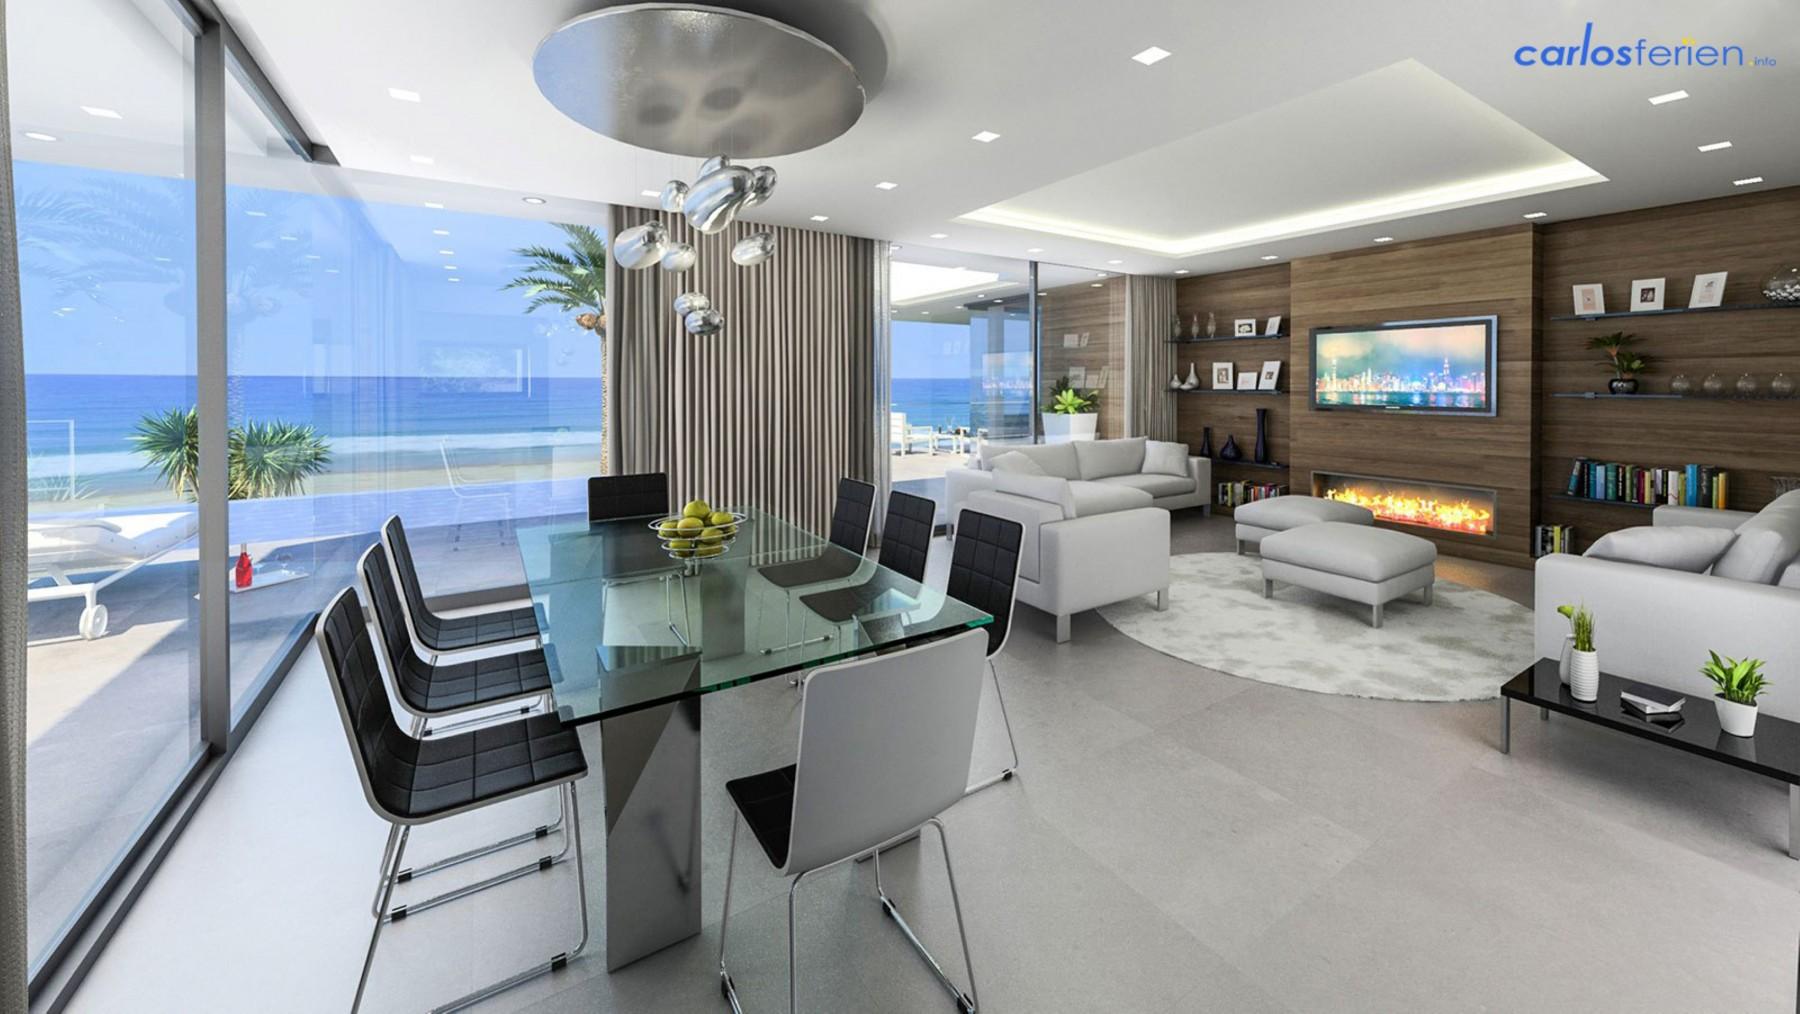 Home Interiors En Linea 28 Images Home Interiors En